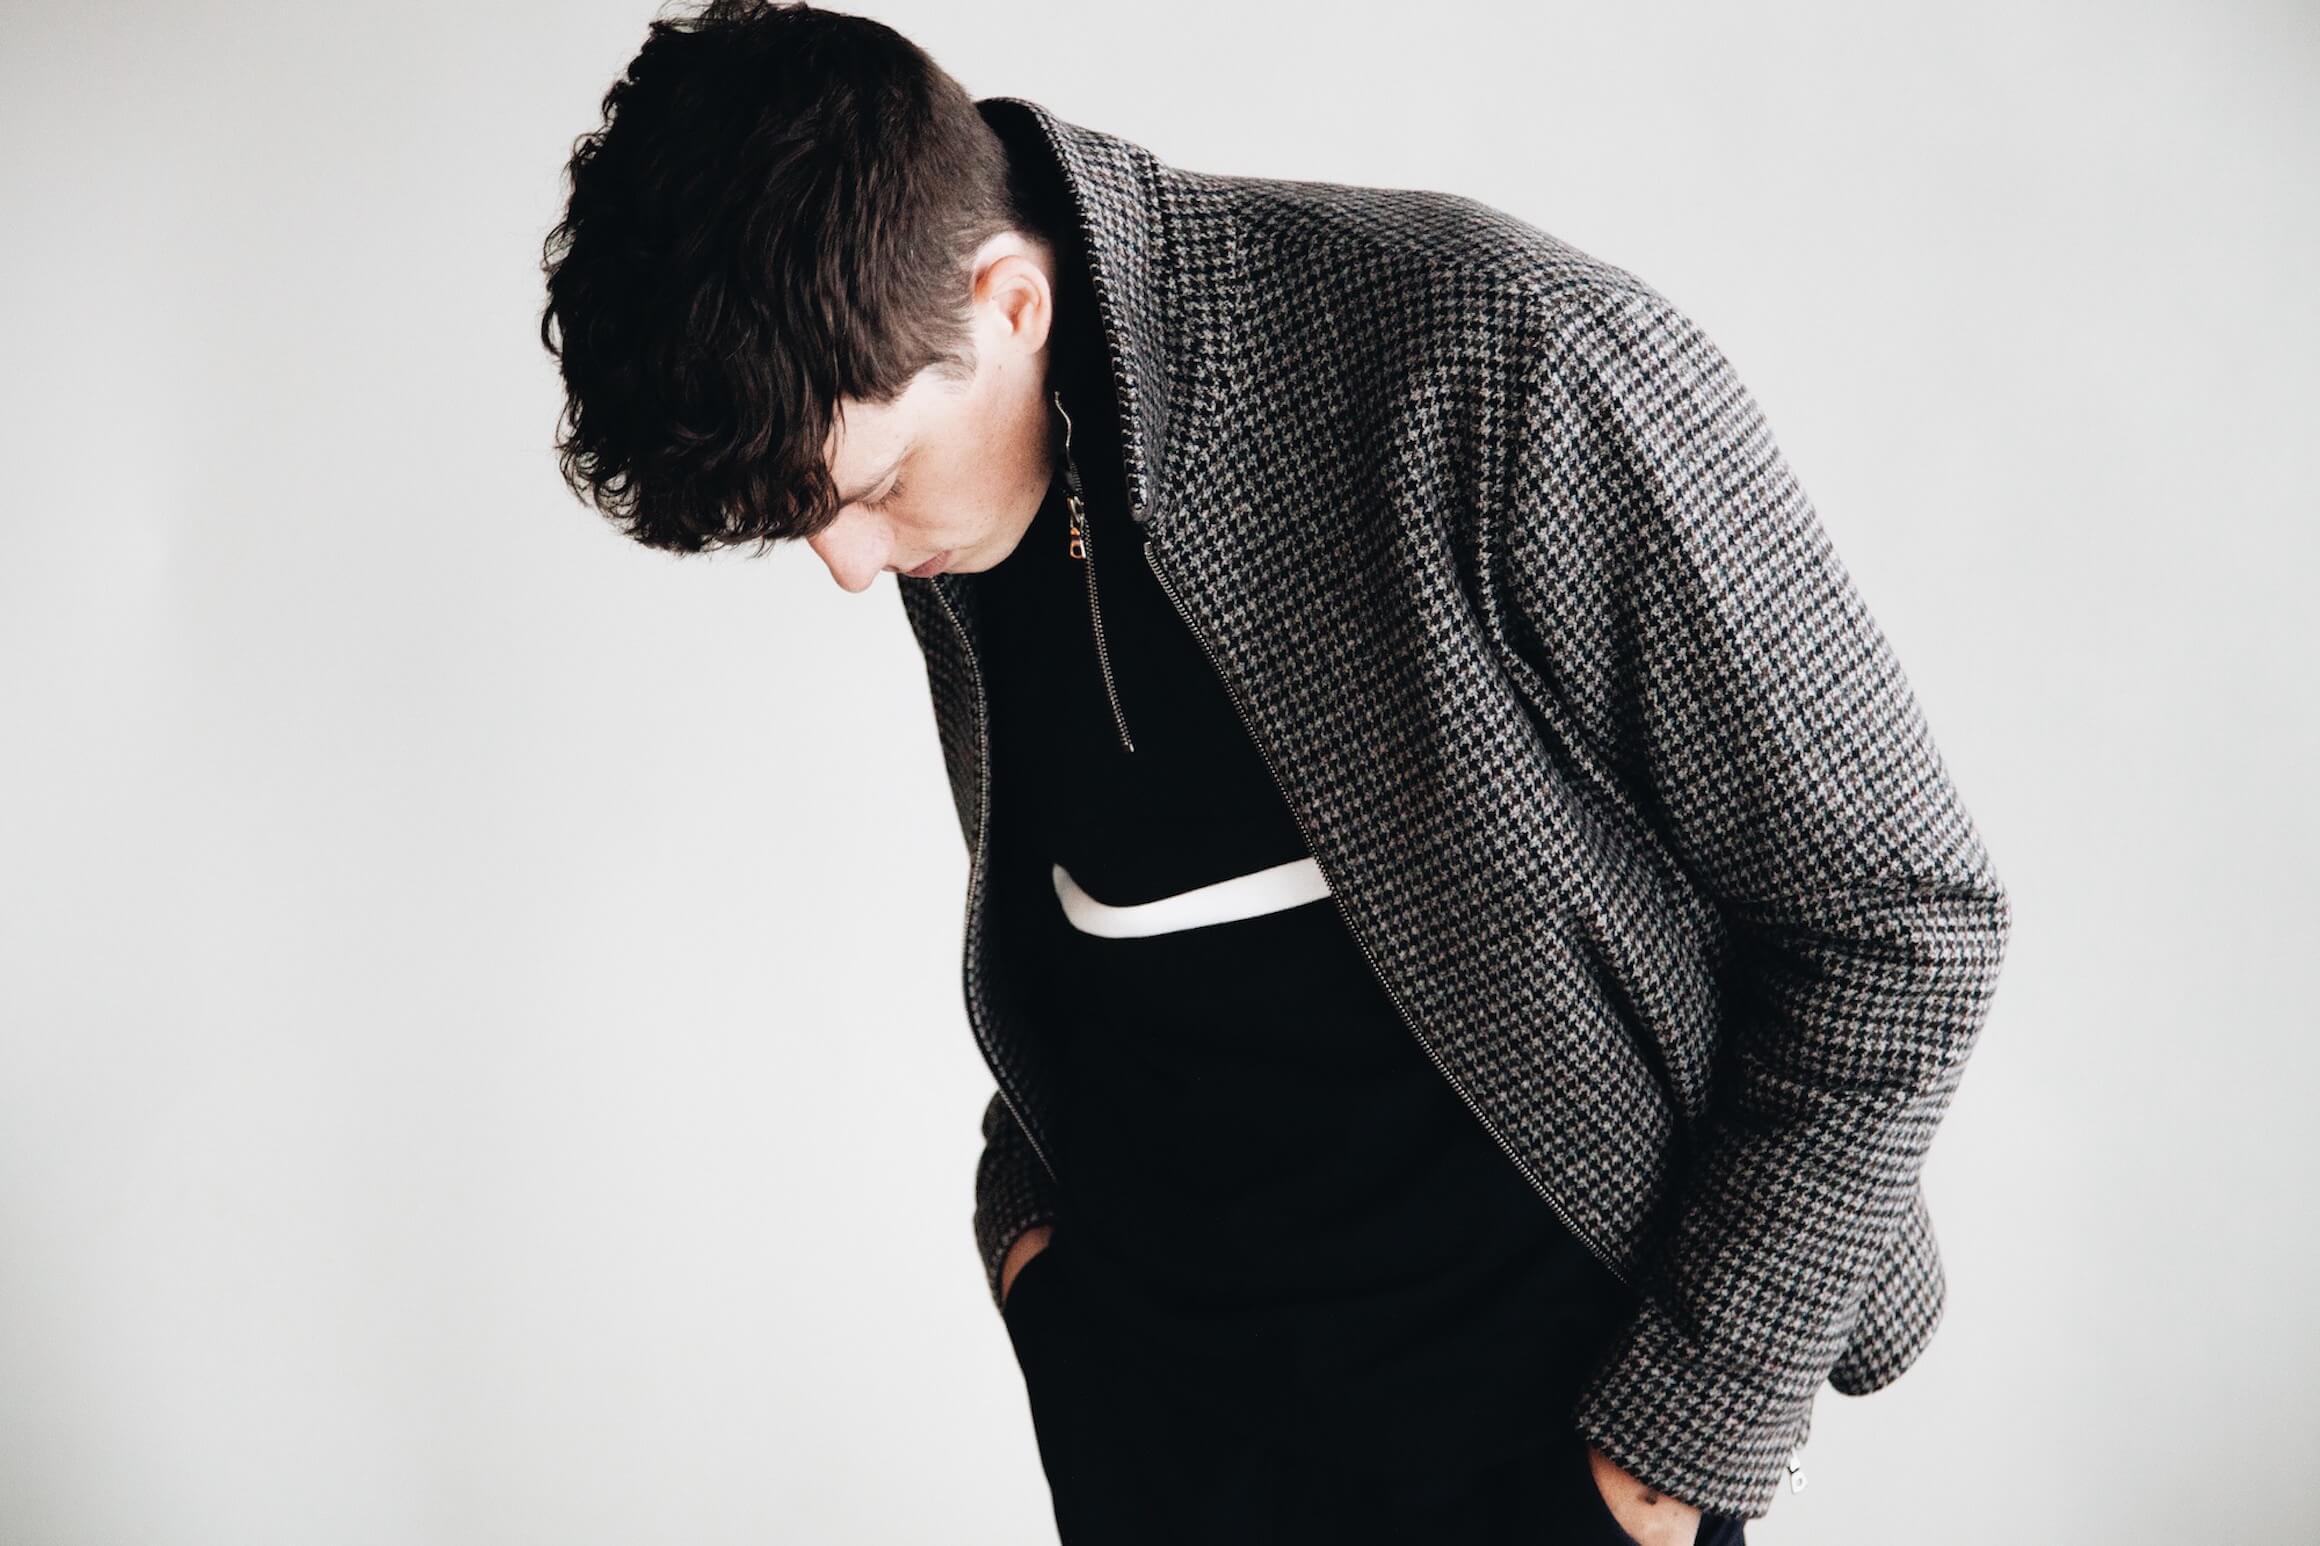 harmony paris milos coach jacket and sofian sweatshirt on body